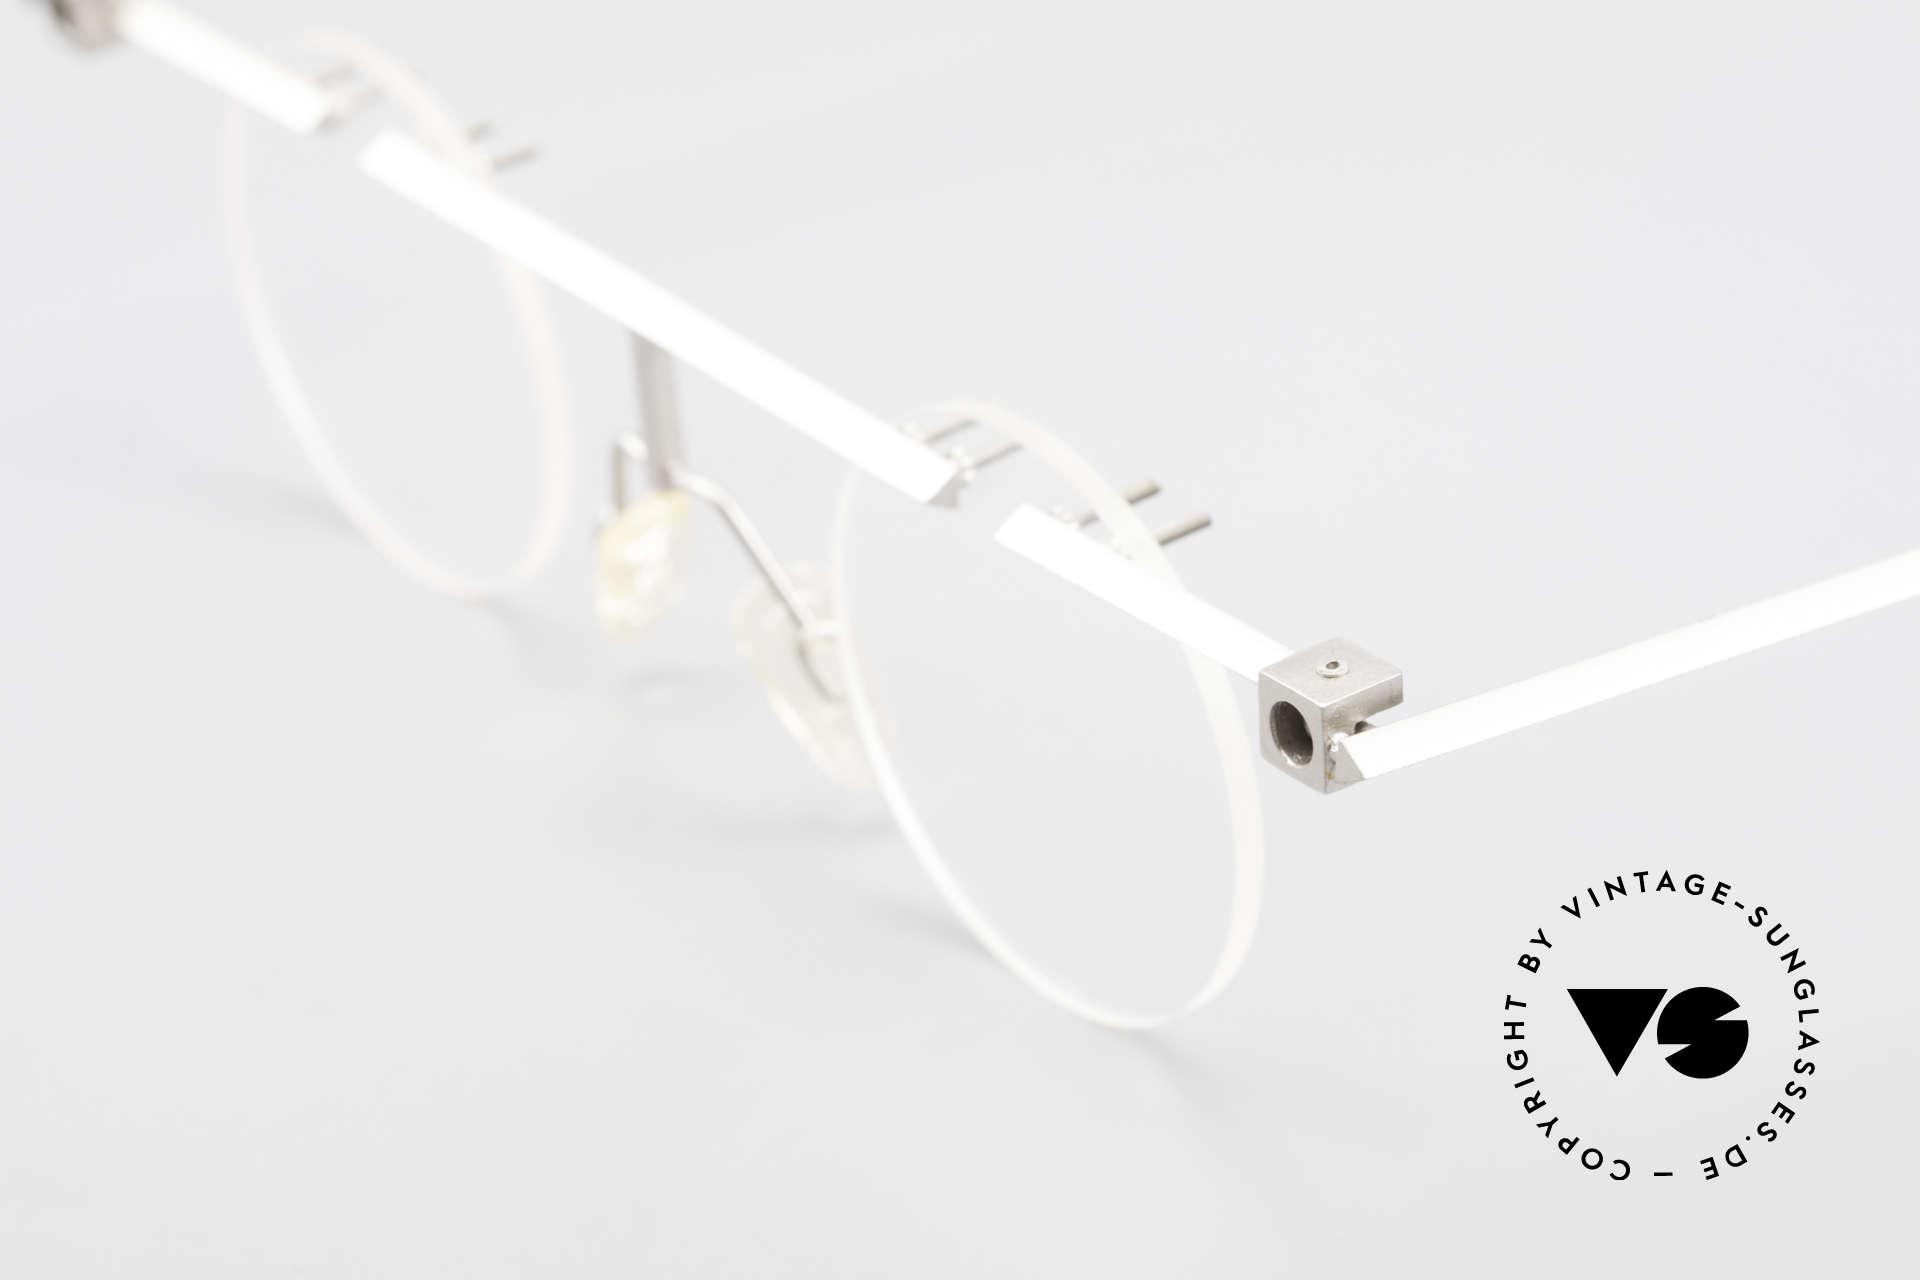 B. Angeletti Sammlerstück Bauhaus Brille Limited Edition, ungetragene 90er vintage Brille & KEINE RETROBRILLE, Passend für Herren und Damen